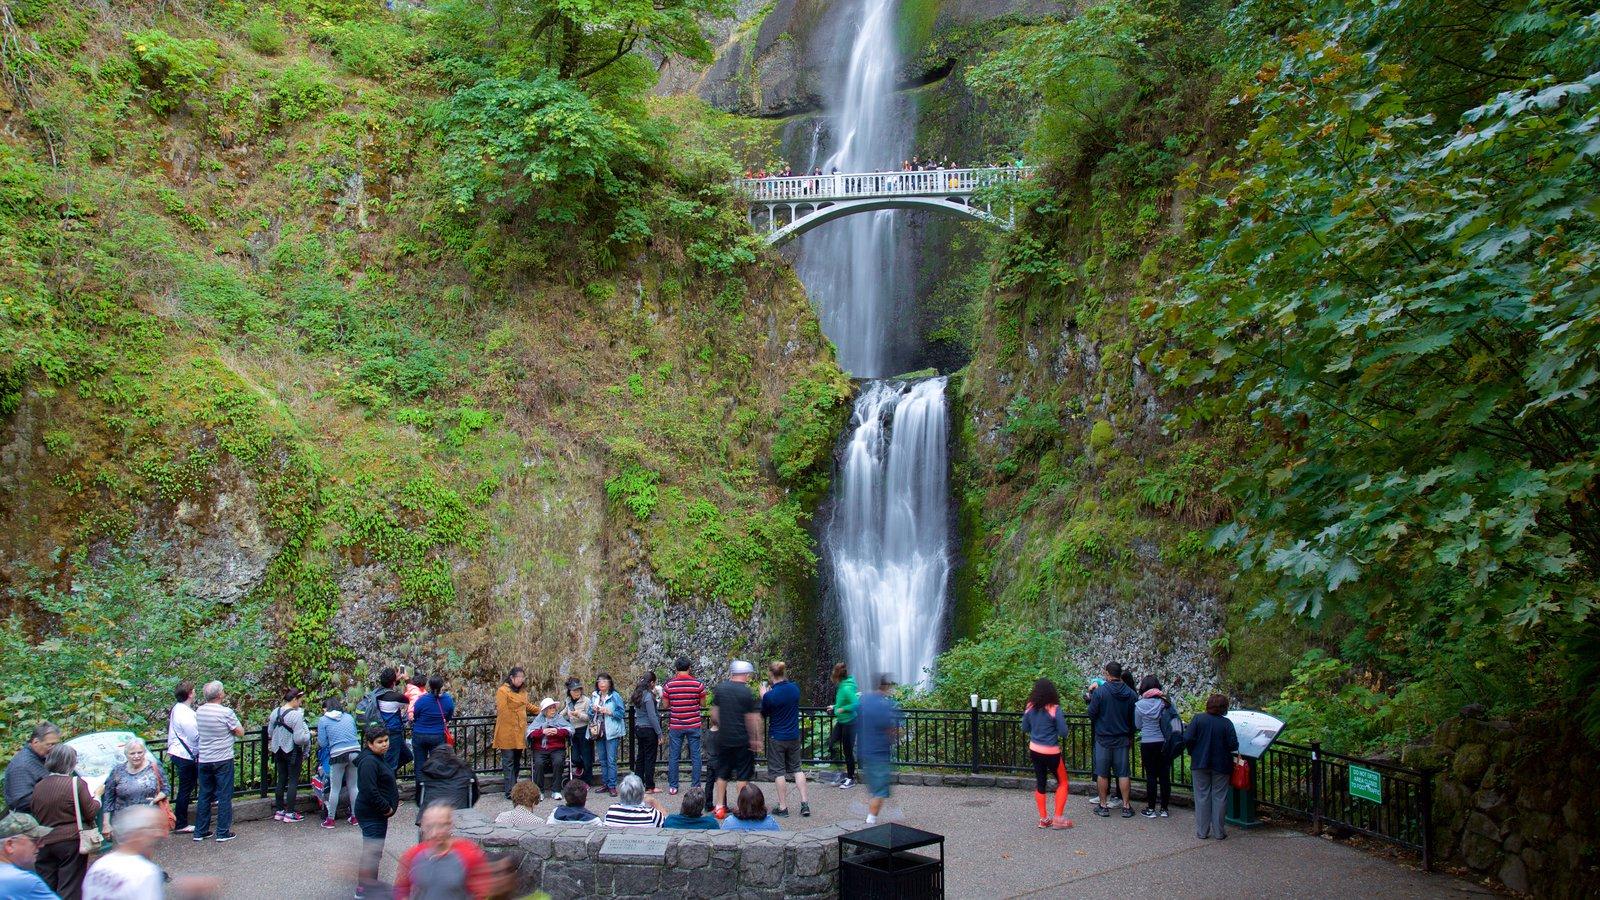 Cataratas de Multnomah mostrando paisagens e uma cachoeira assim como um grande grupo de pessoas